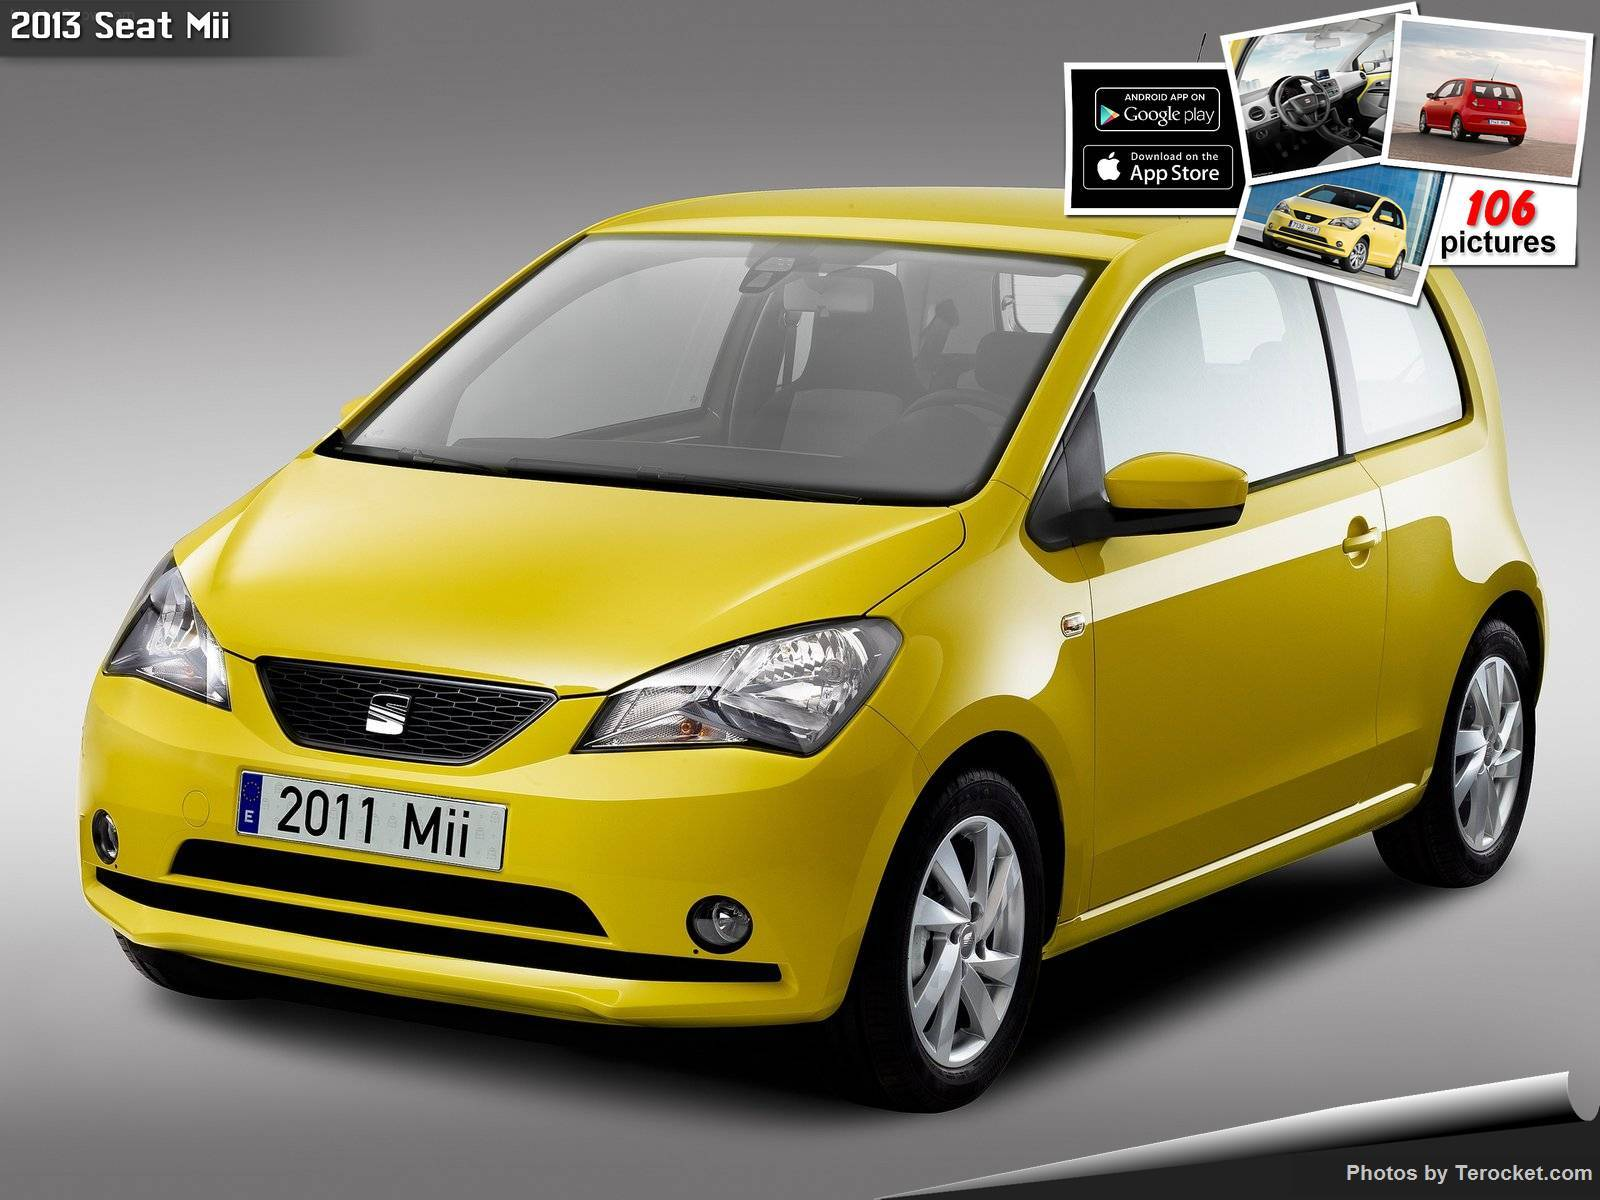 Hình ảnh xe ô tô Seat Mii 2013 & nội ngoại thất